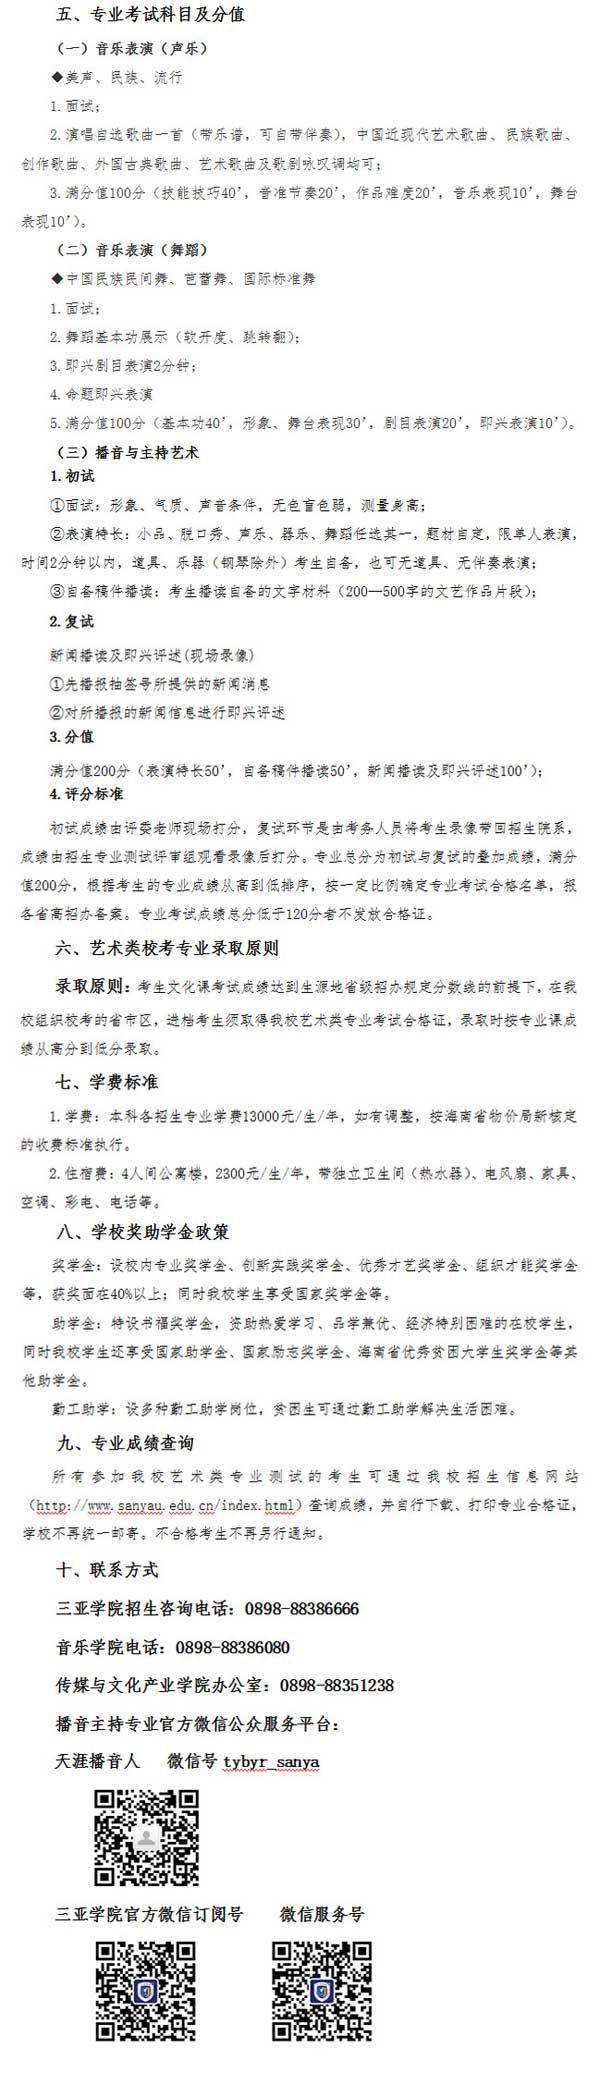 三亚学院2015年艺术专业校考招生简章3